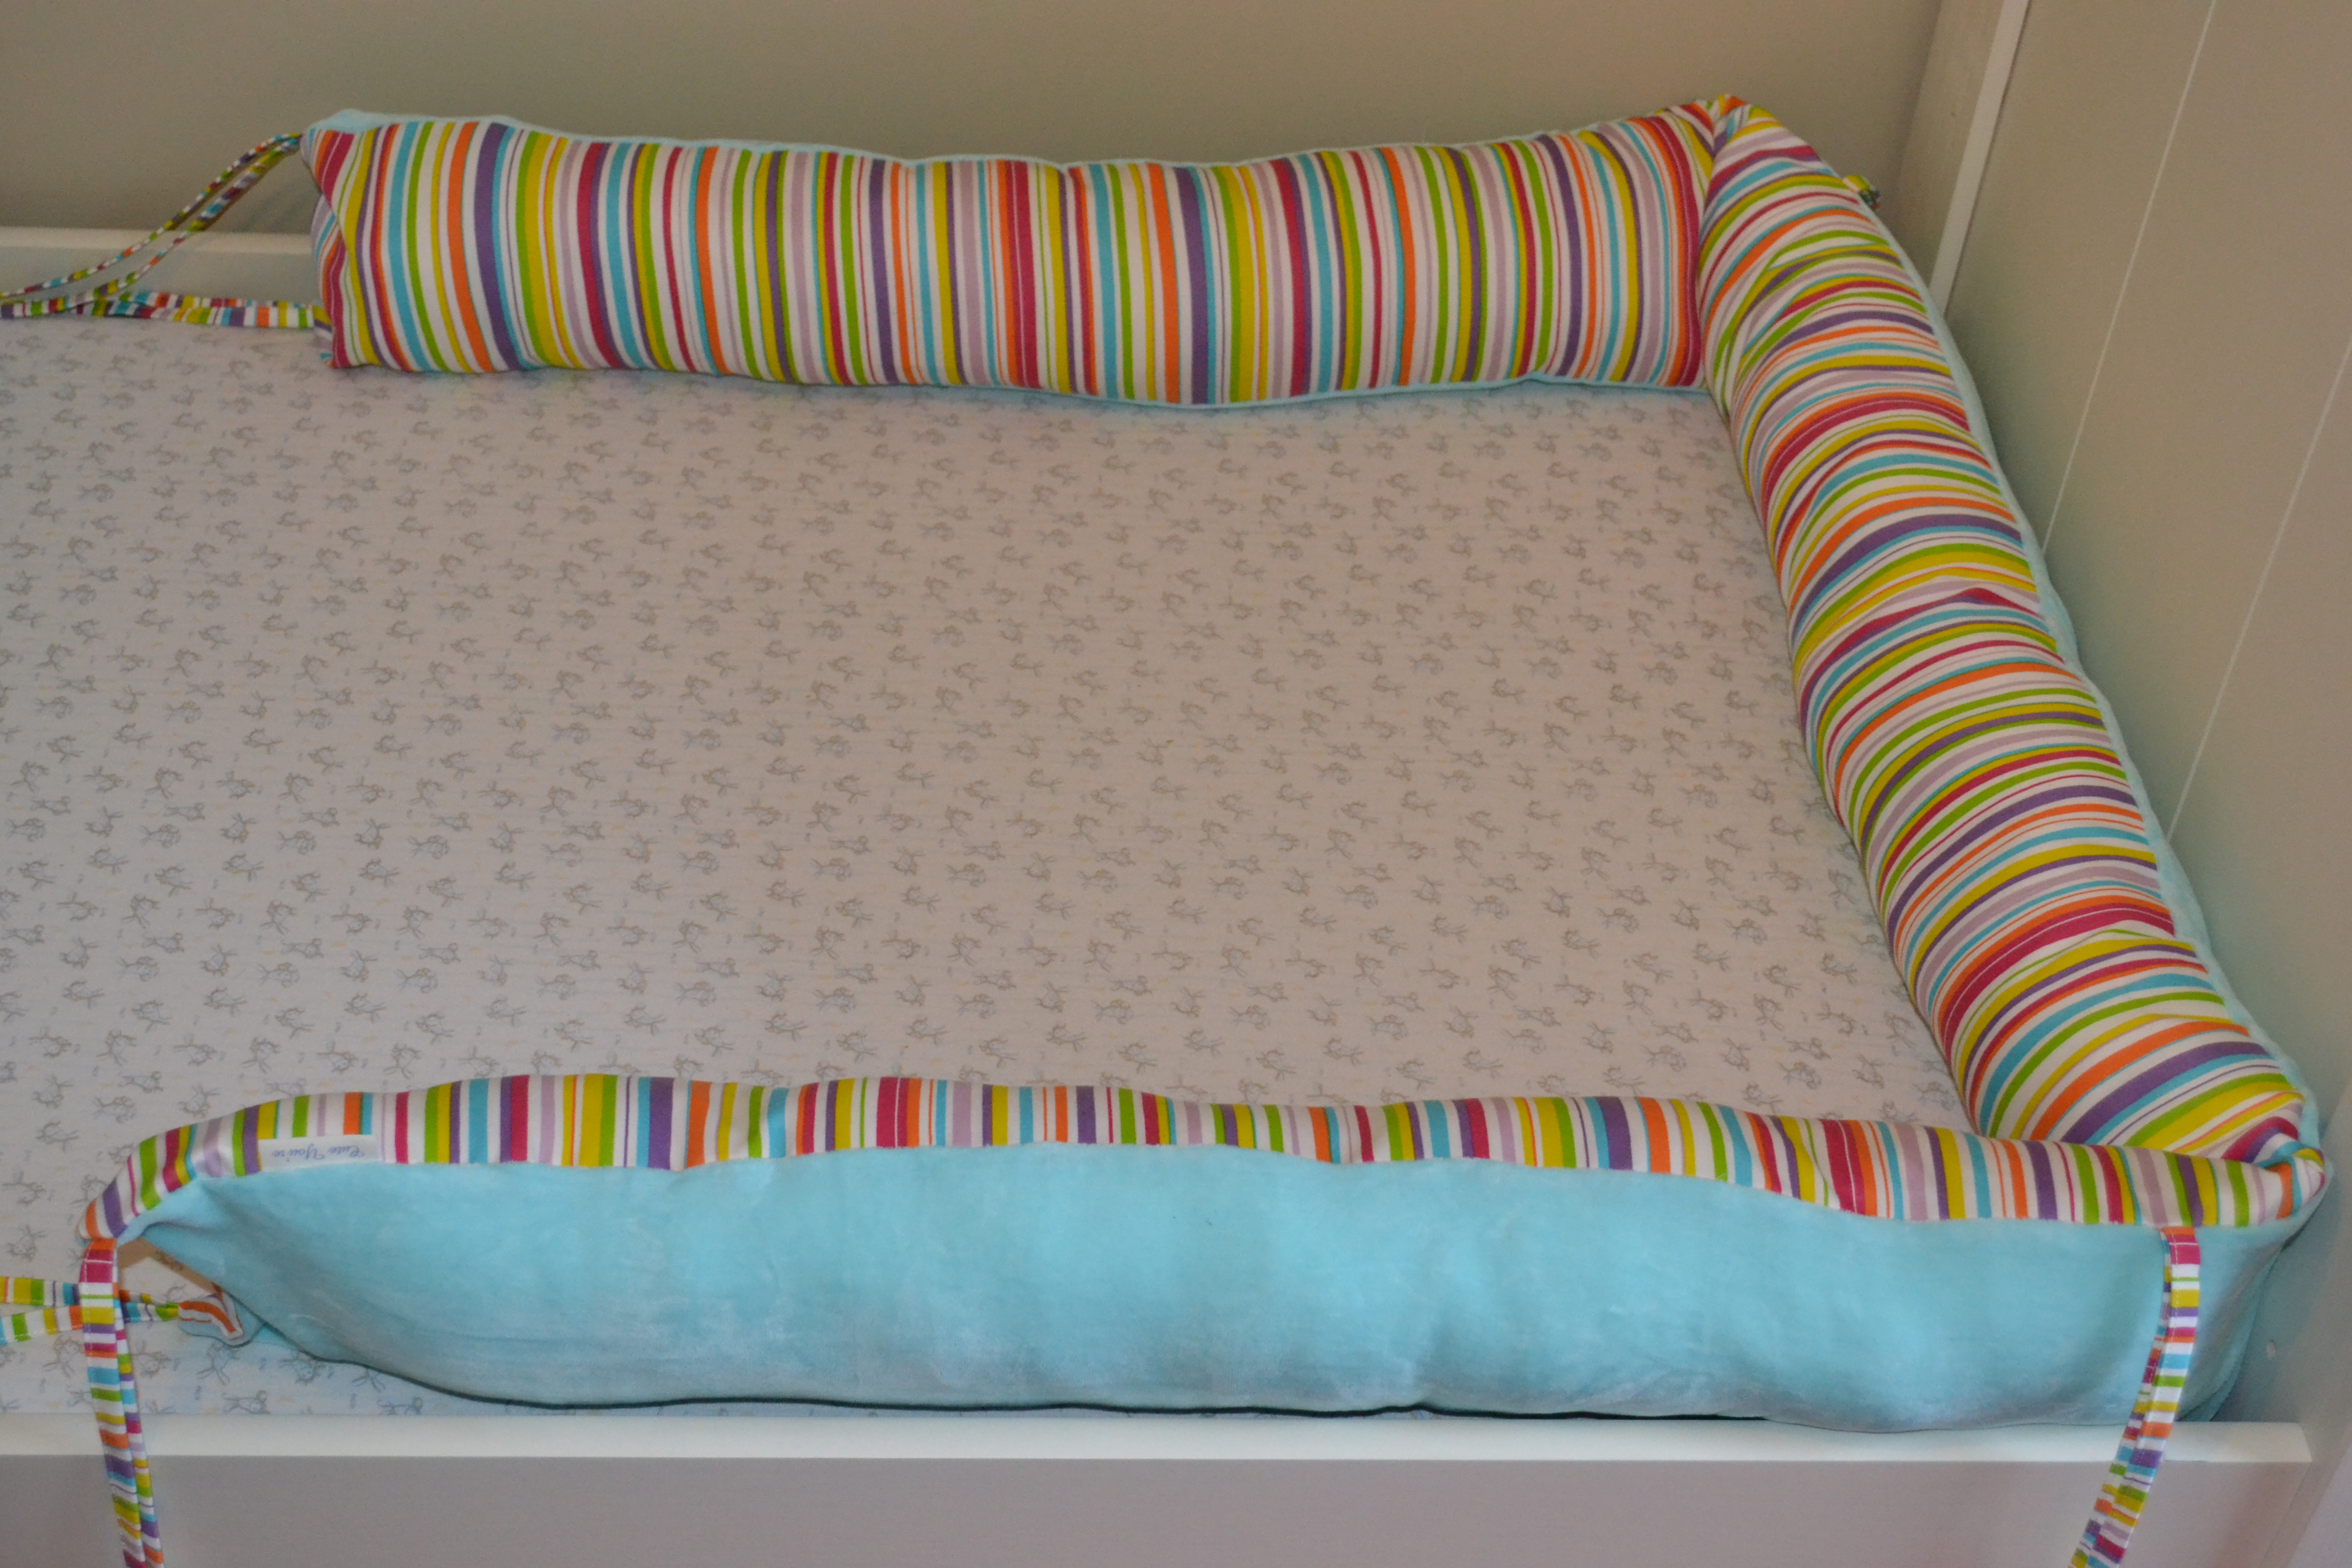 tour de lit cute you 39 re. Black Bedroom Furniture Sets. Home Design Ideas